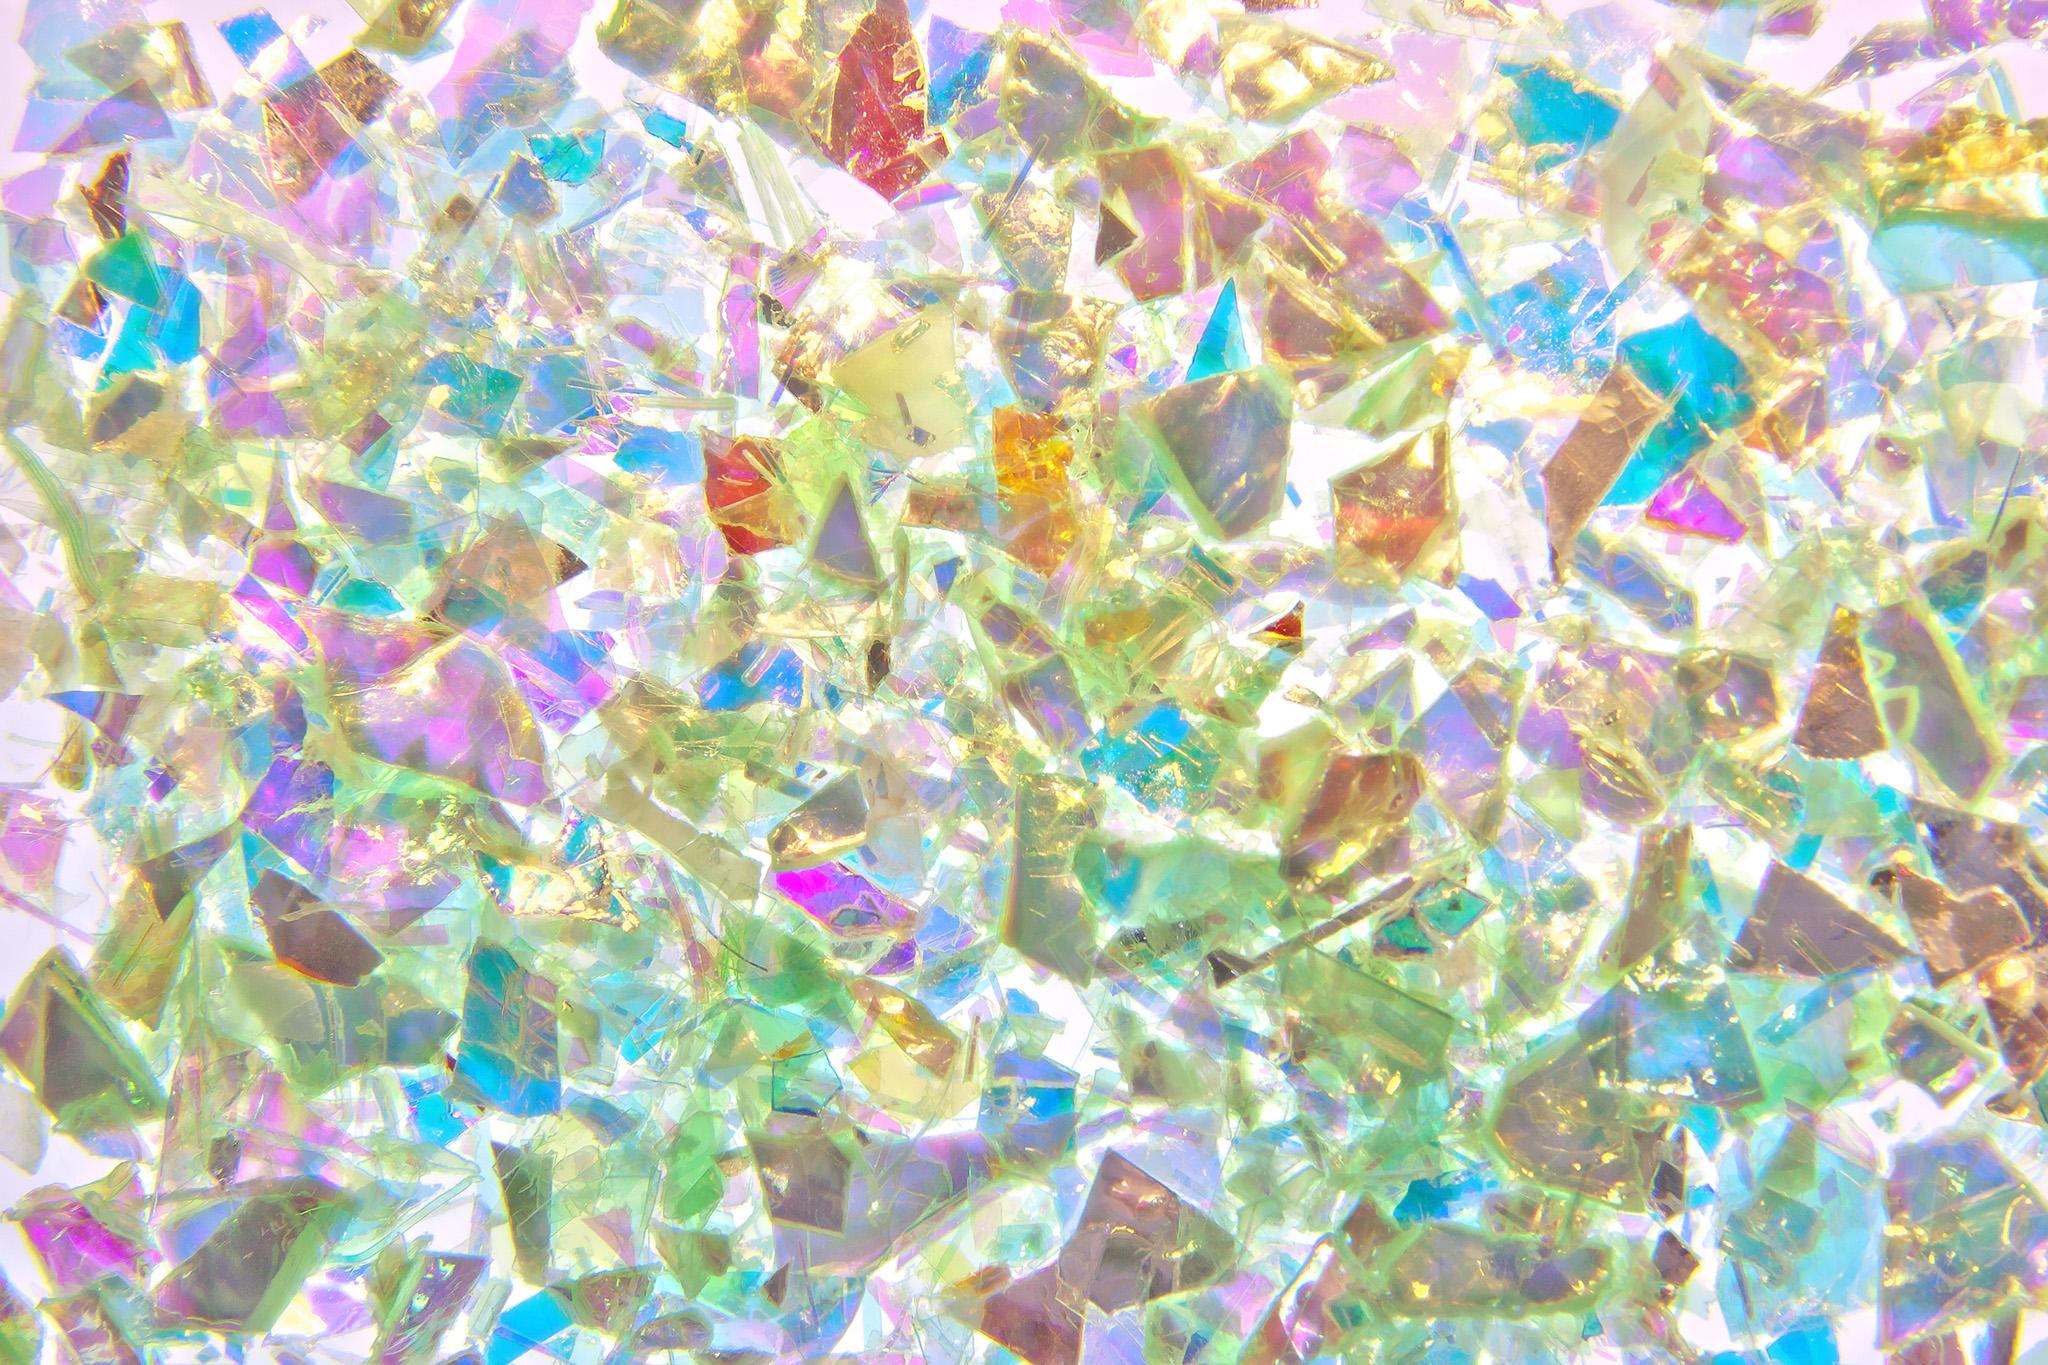 「色鮮やかな光の集合体」の素材を無料ダウンロード